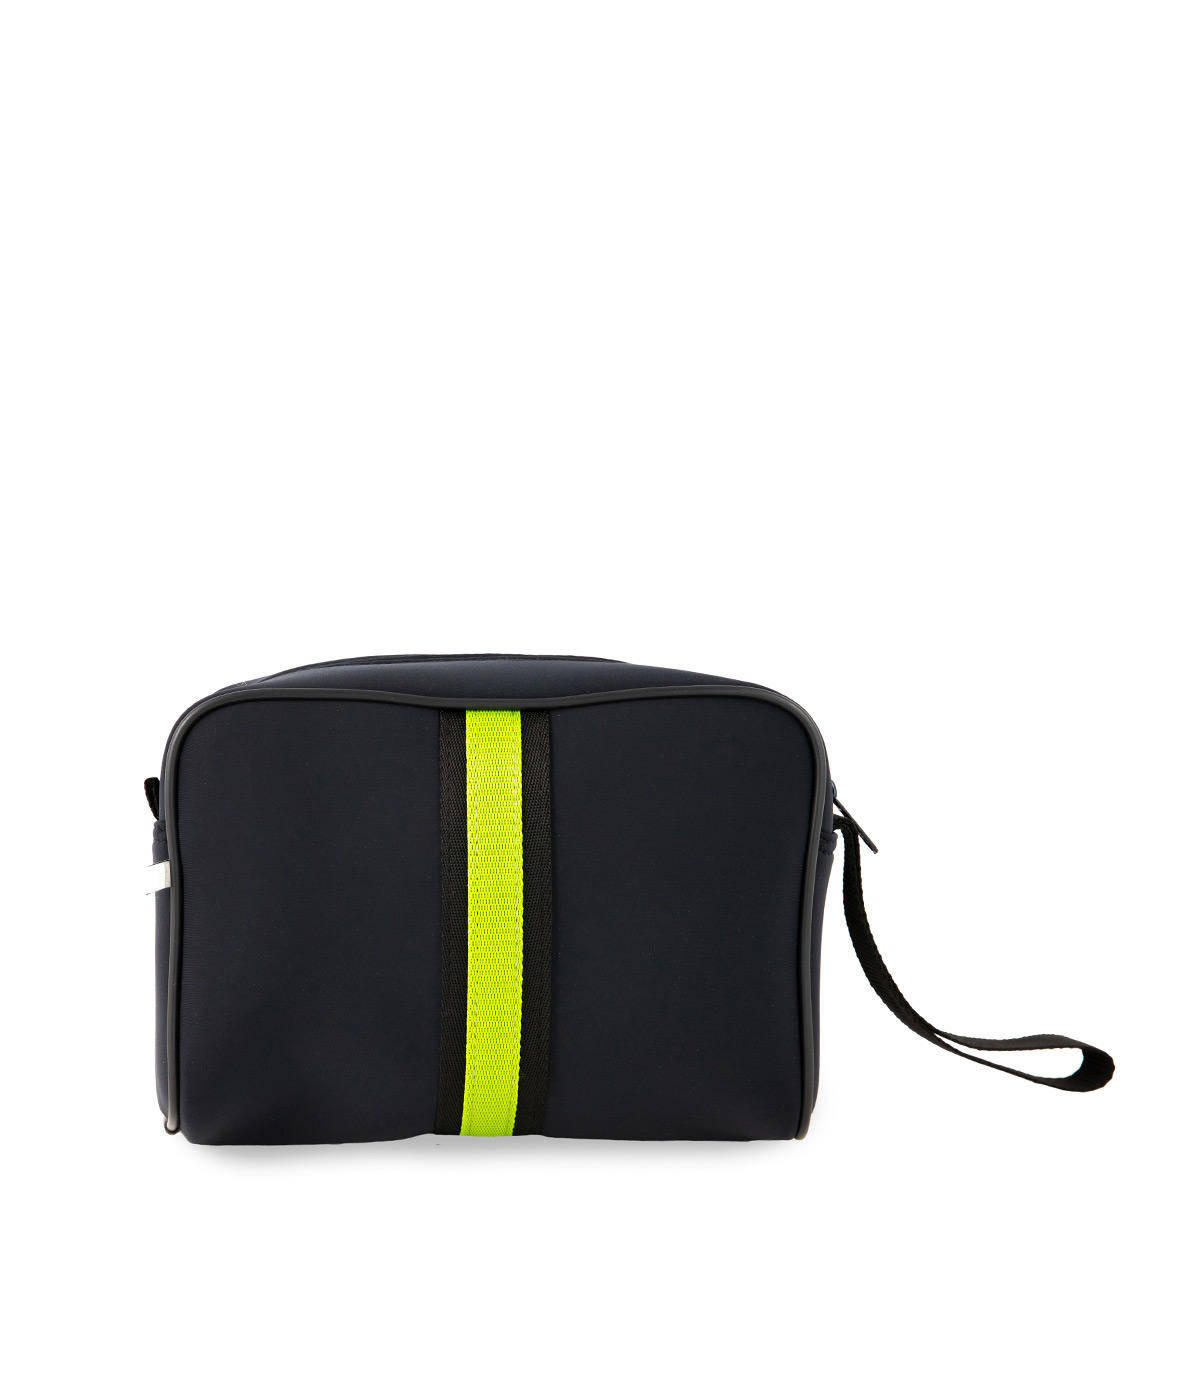 beauty-bag-neoprene-impermeabile-fascia-verde-retro